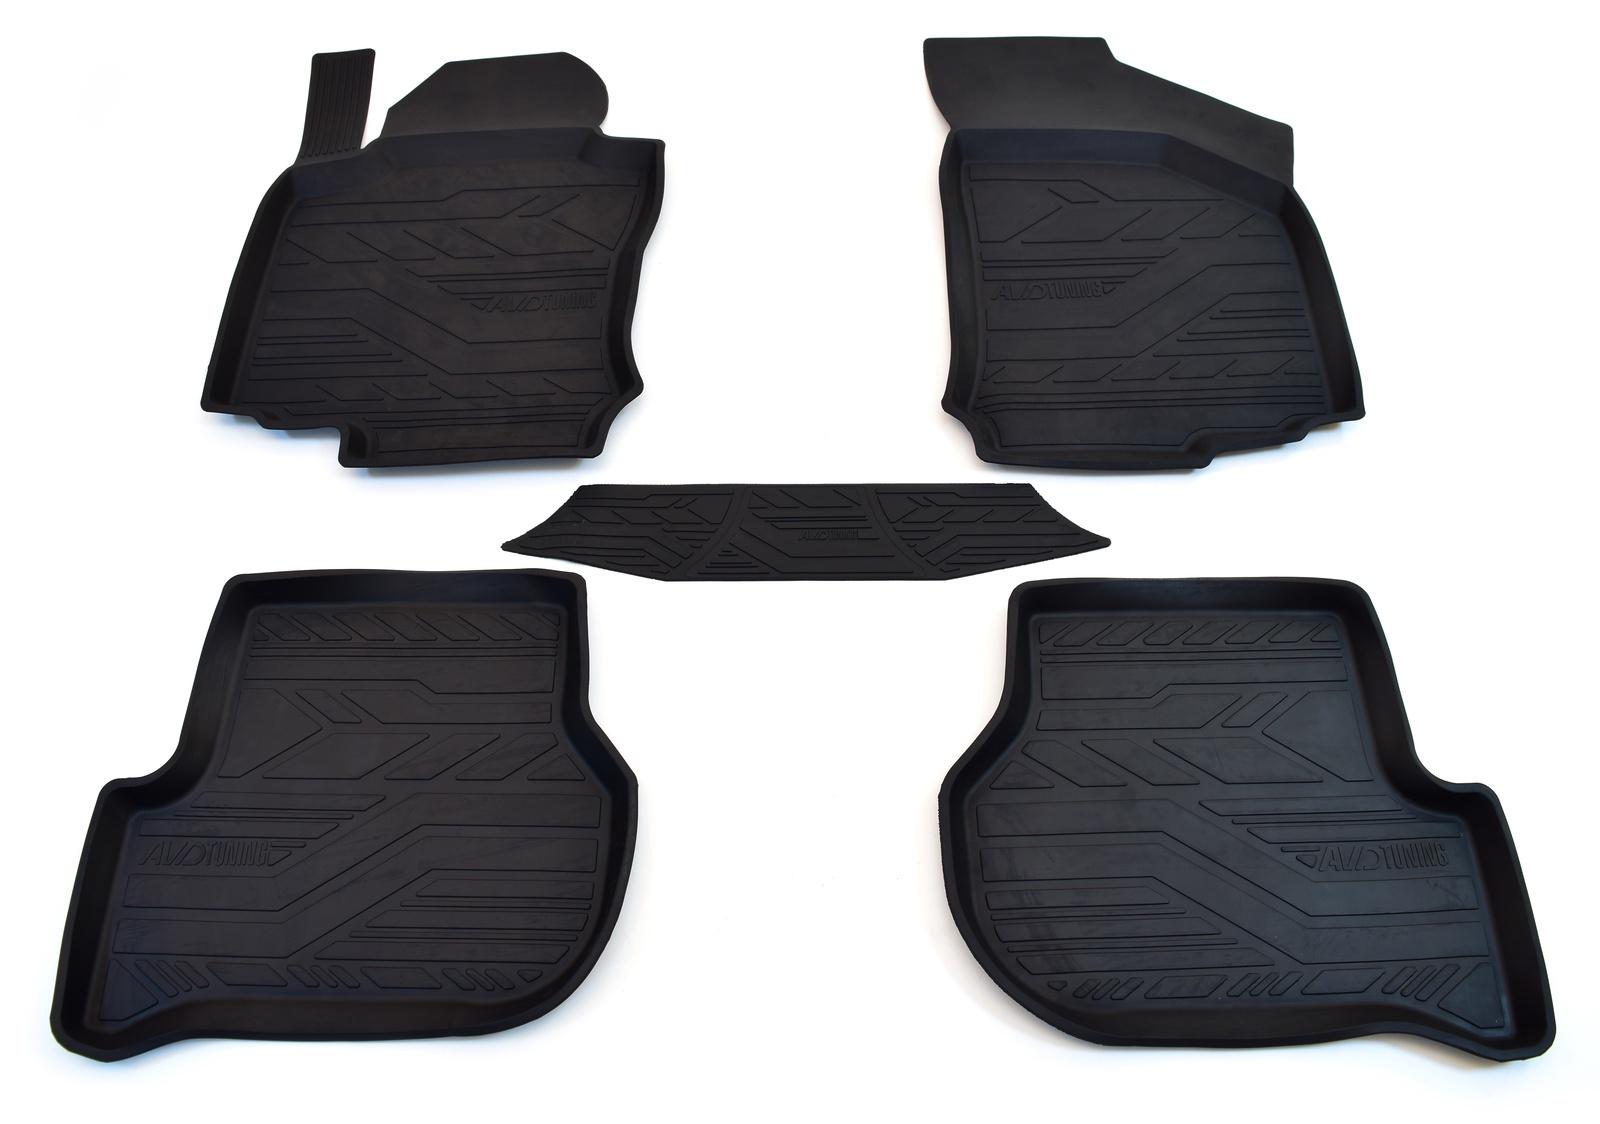 Коврики в салон автомобиля avd tuning для chevrolet spark (2005-2010) )/ ravon r2 (2016-) с бортиком, adrplr031, черный, 5 шт коврики в салон автомобиля avd tuning для volkswagen passat в8 2014 adrplr230 резиновые с бортиком черный